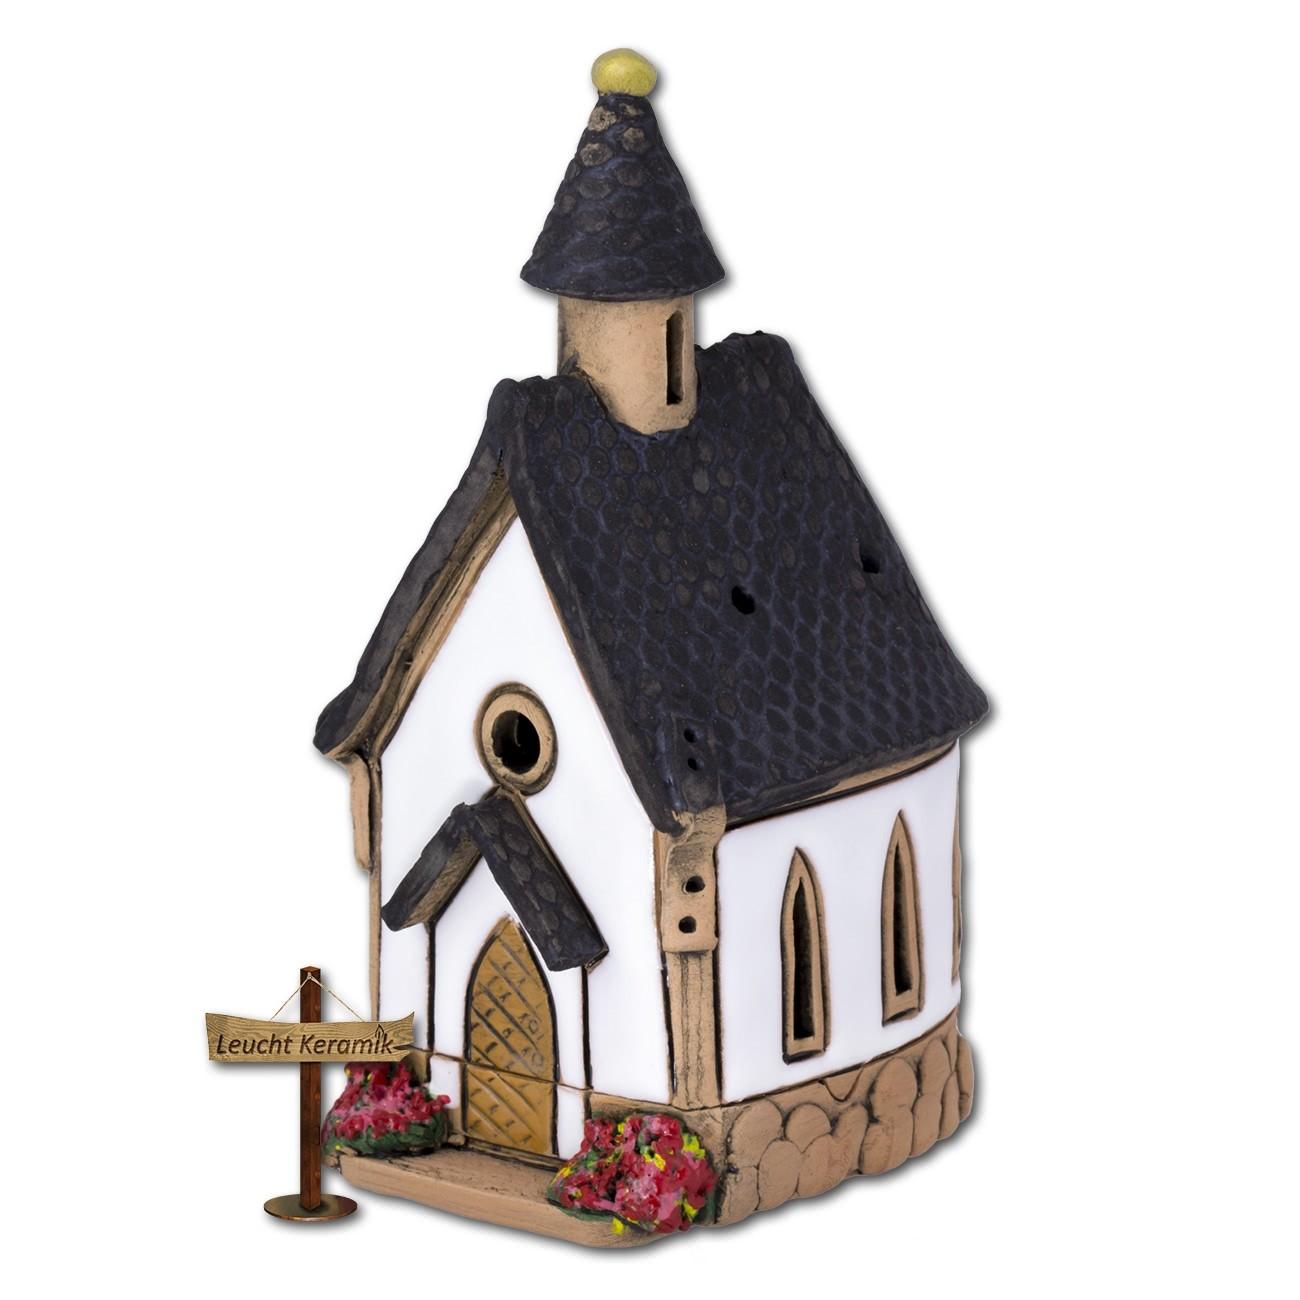 Lichthaus Kapelle weiß original LeuchtKeramik DKH08W